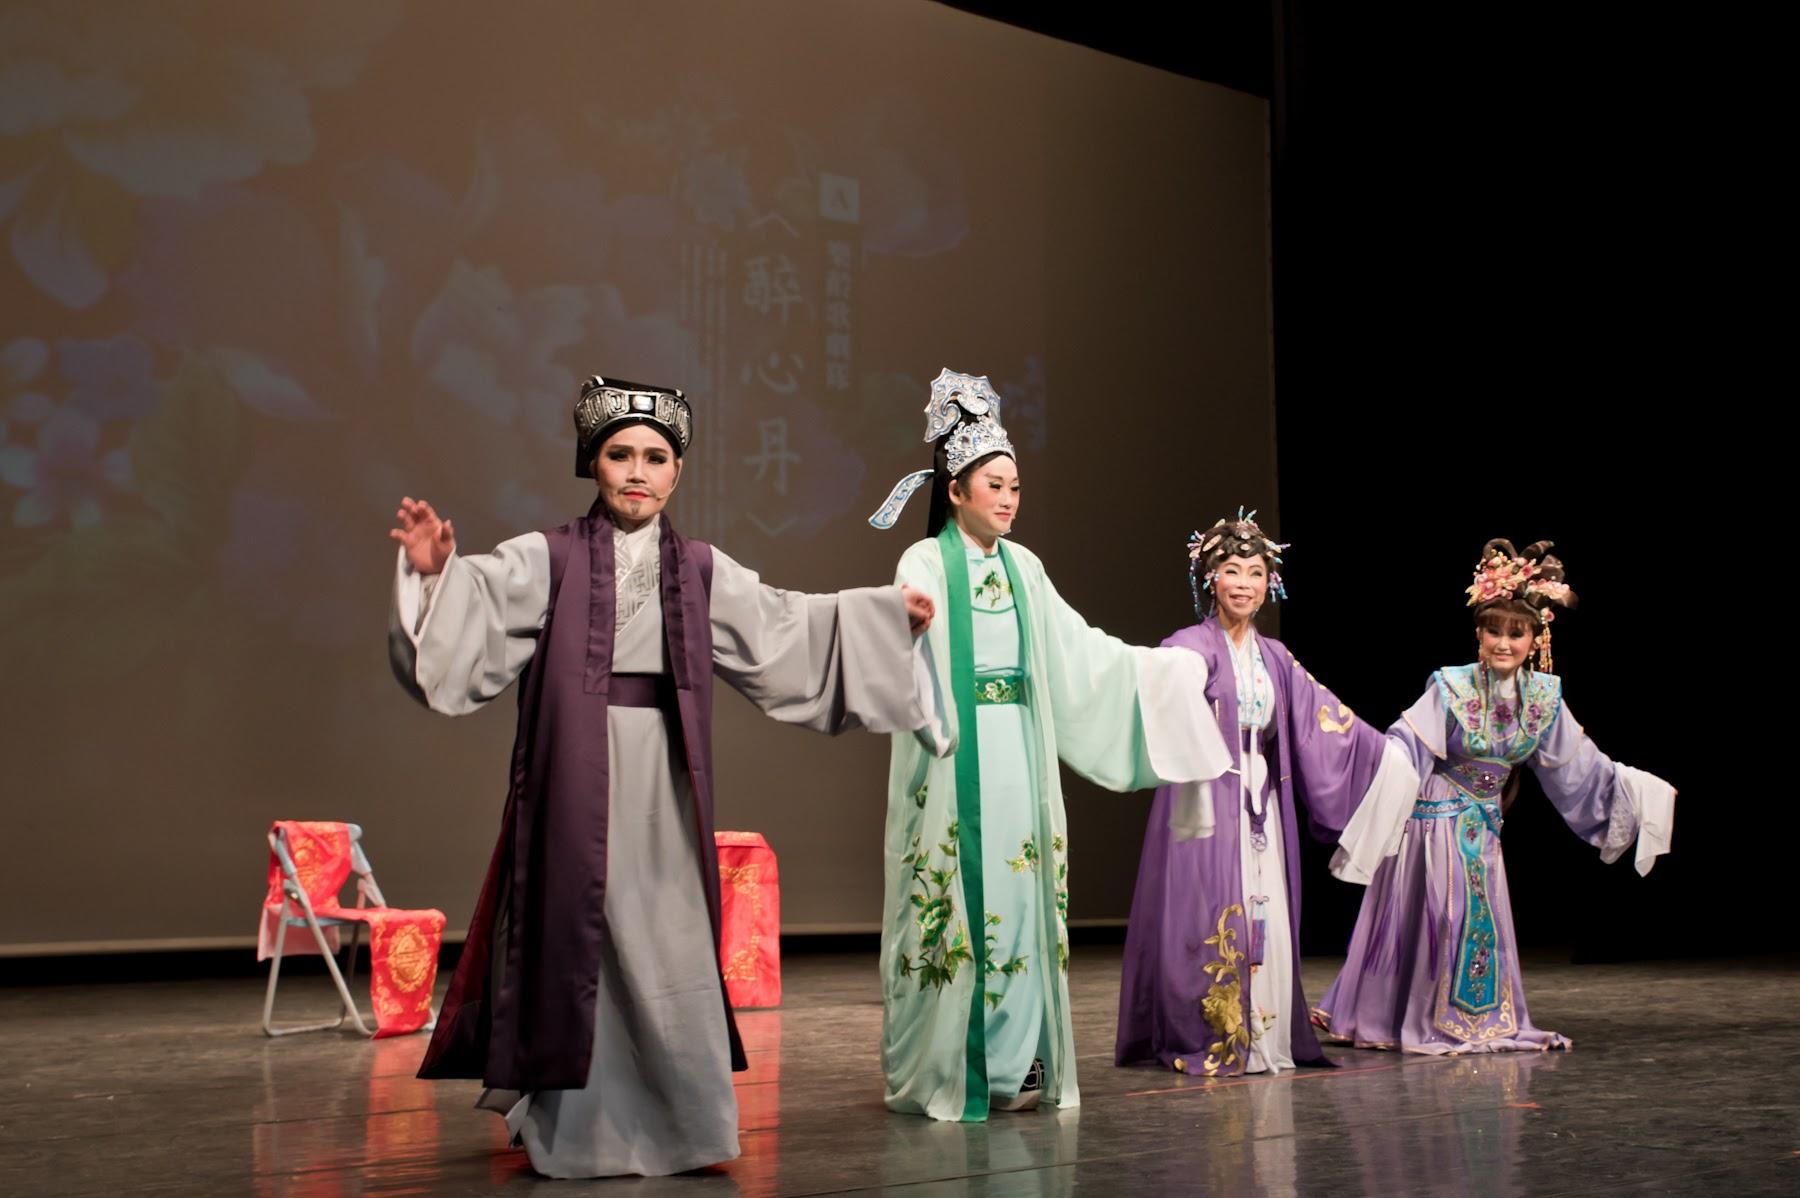 樂齡歌劇隊表演家庭倫理劇「醉心丹」